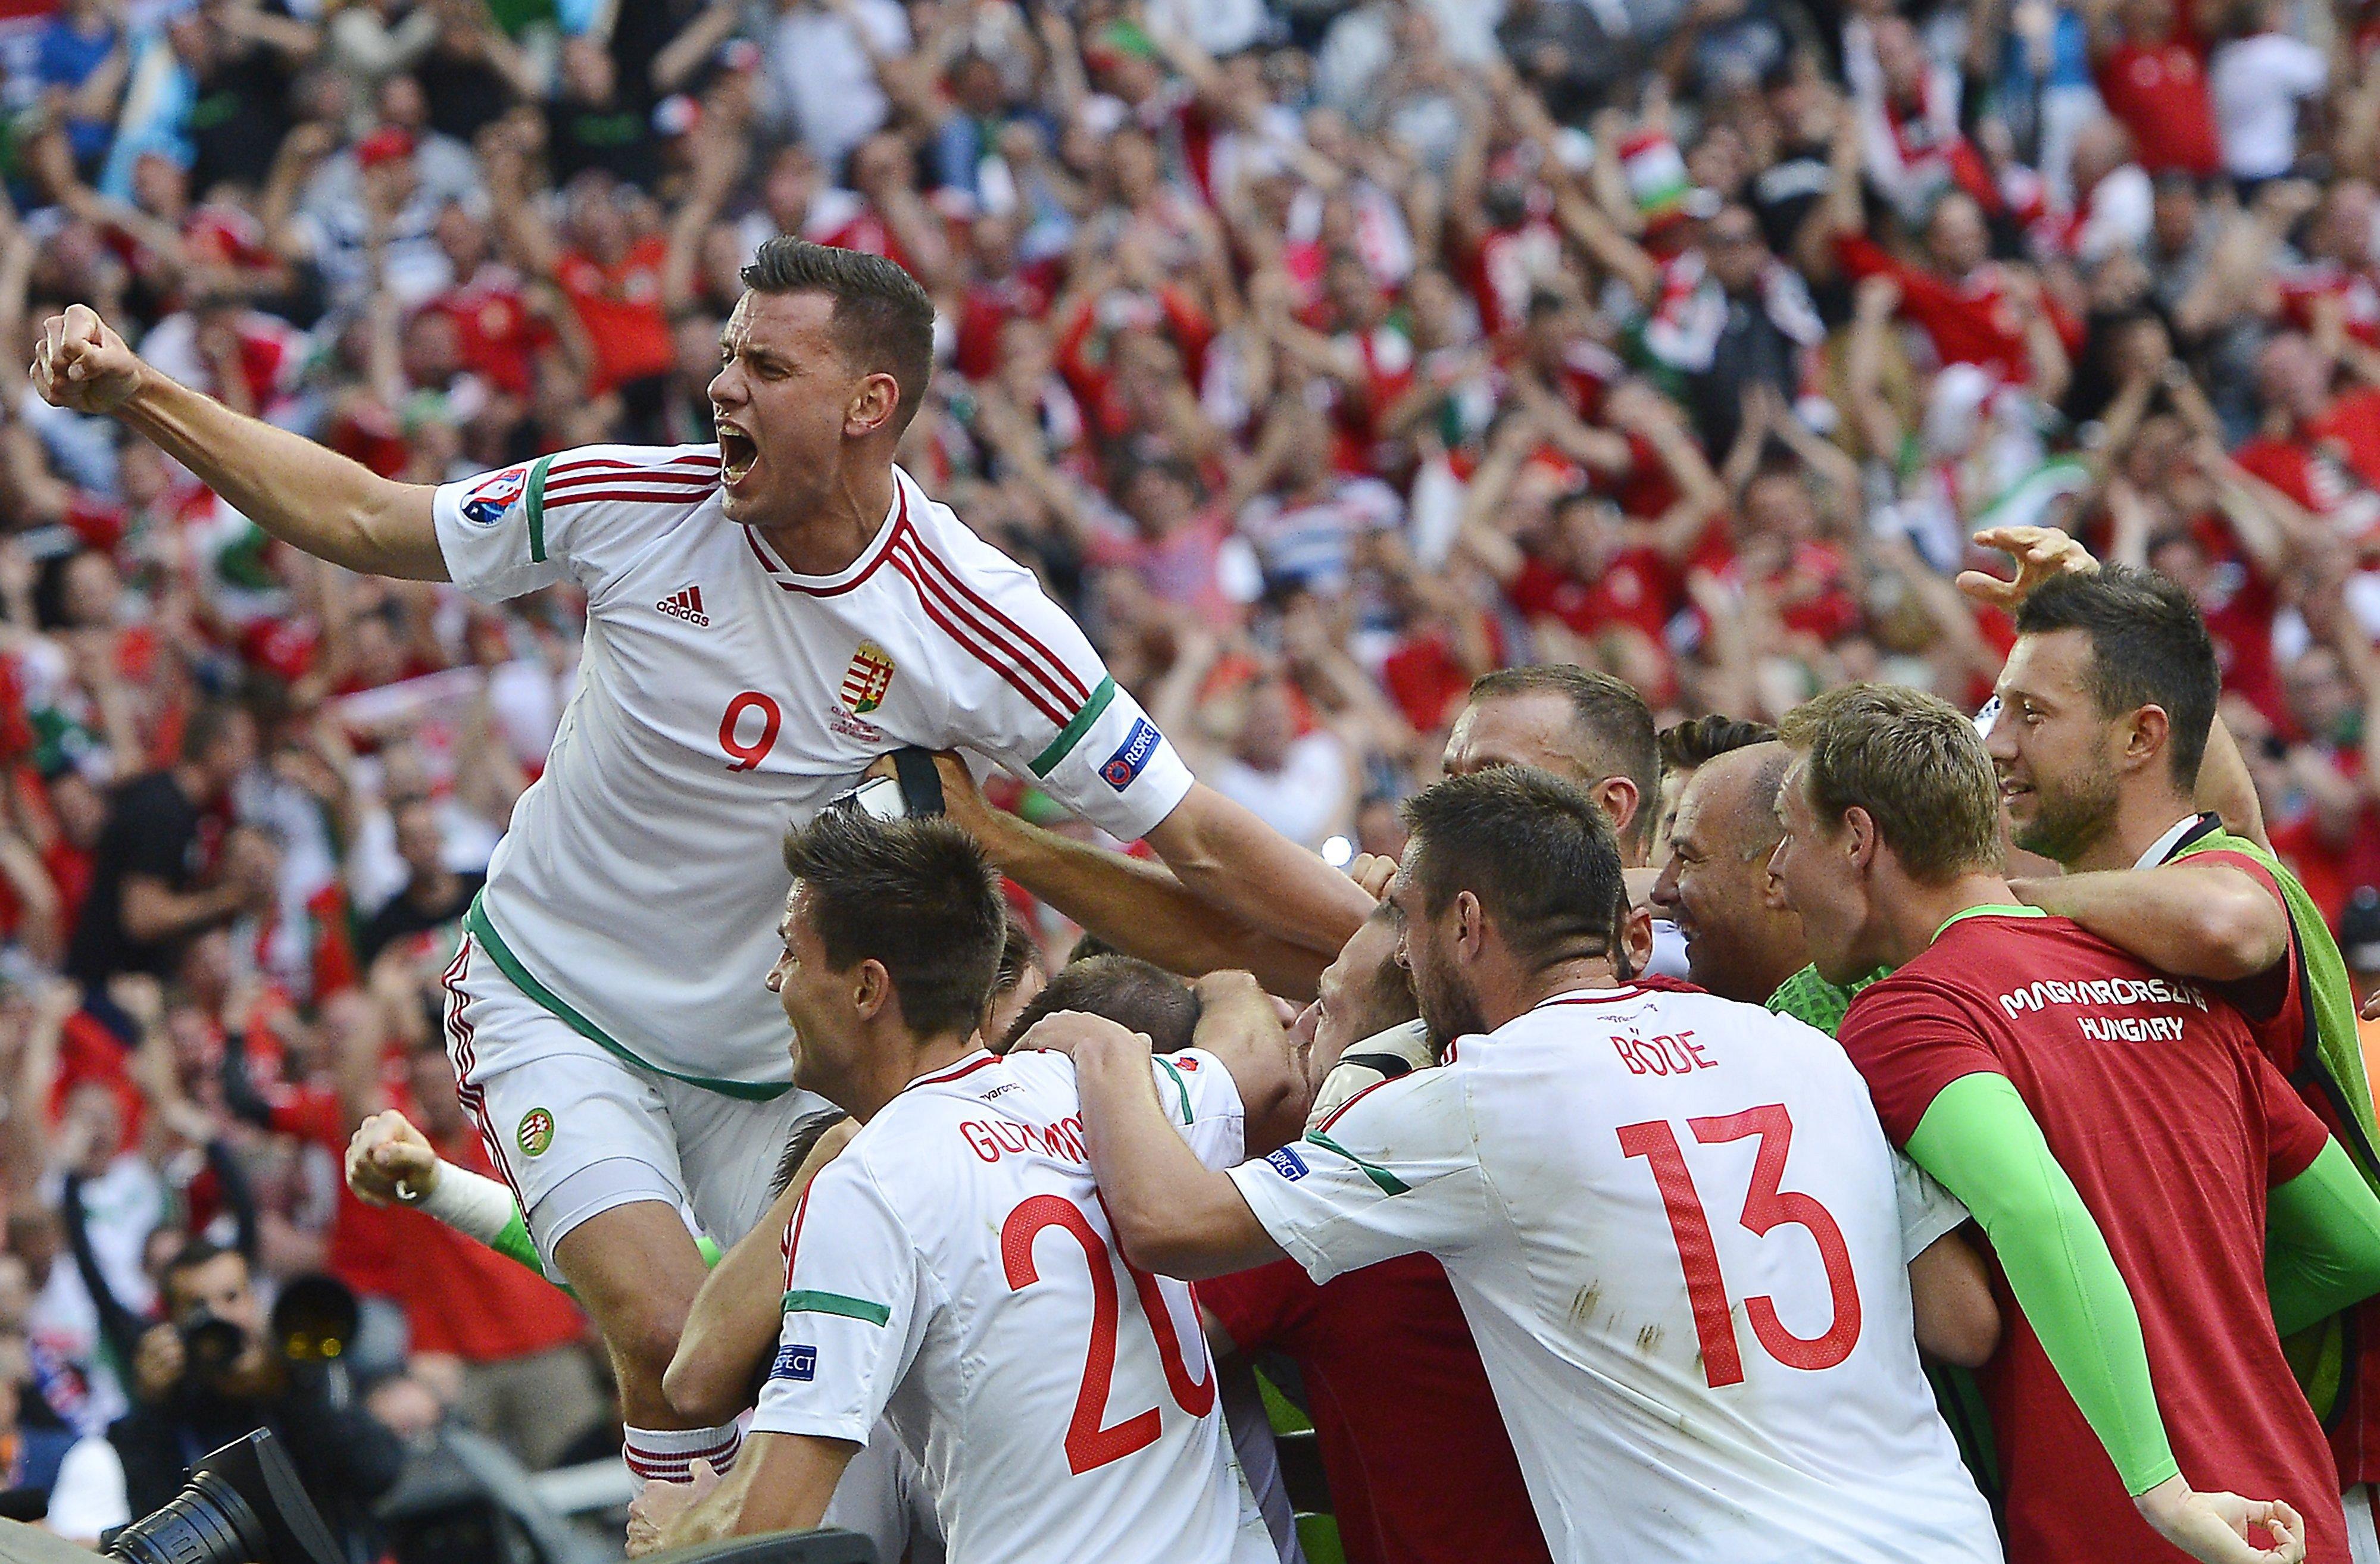 Szalai Ádám (b) és a magyar labdarúgó-válogatott tagjai ünnepelnek, miután 1-1-es döntetlent játszottak a franciaországi labdarúgó Európa-bajnokság F csoportja második fordulójában játszott Izland - Magyarország mérkõzésen. MTI Fotó: Illyés Tibor